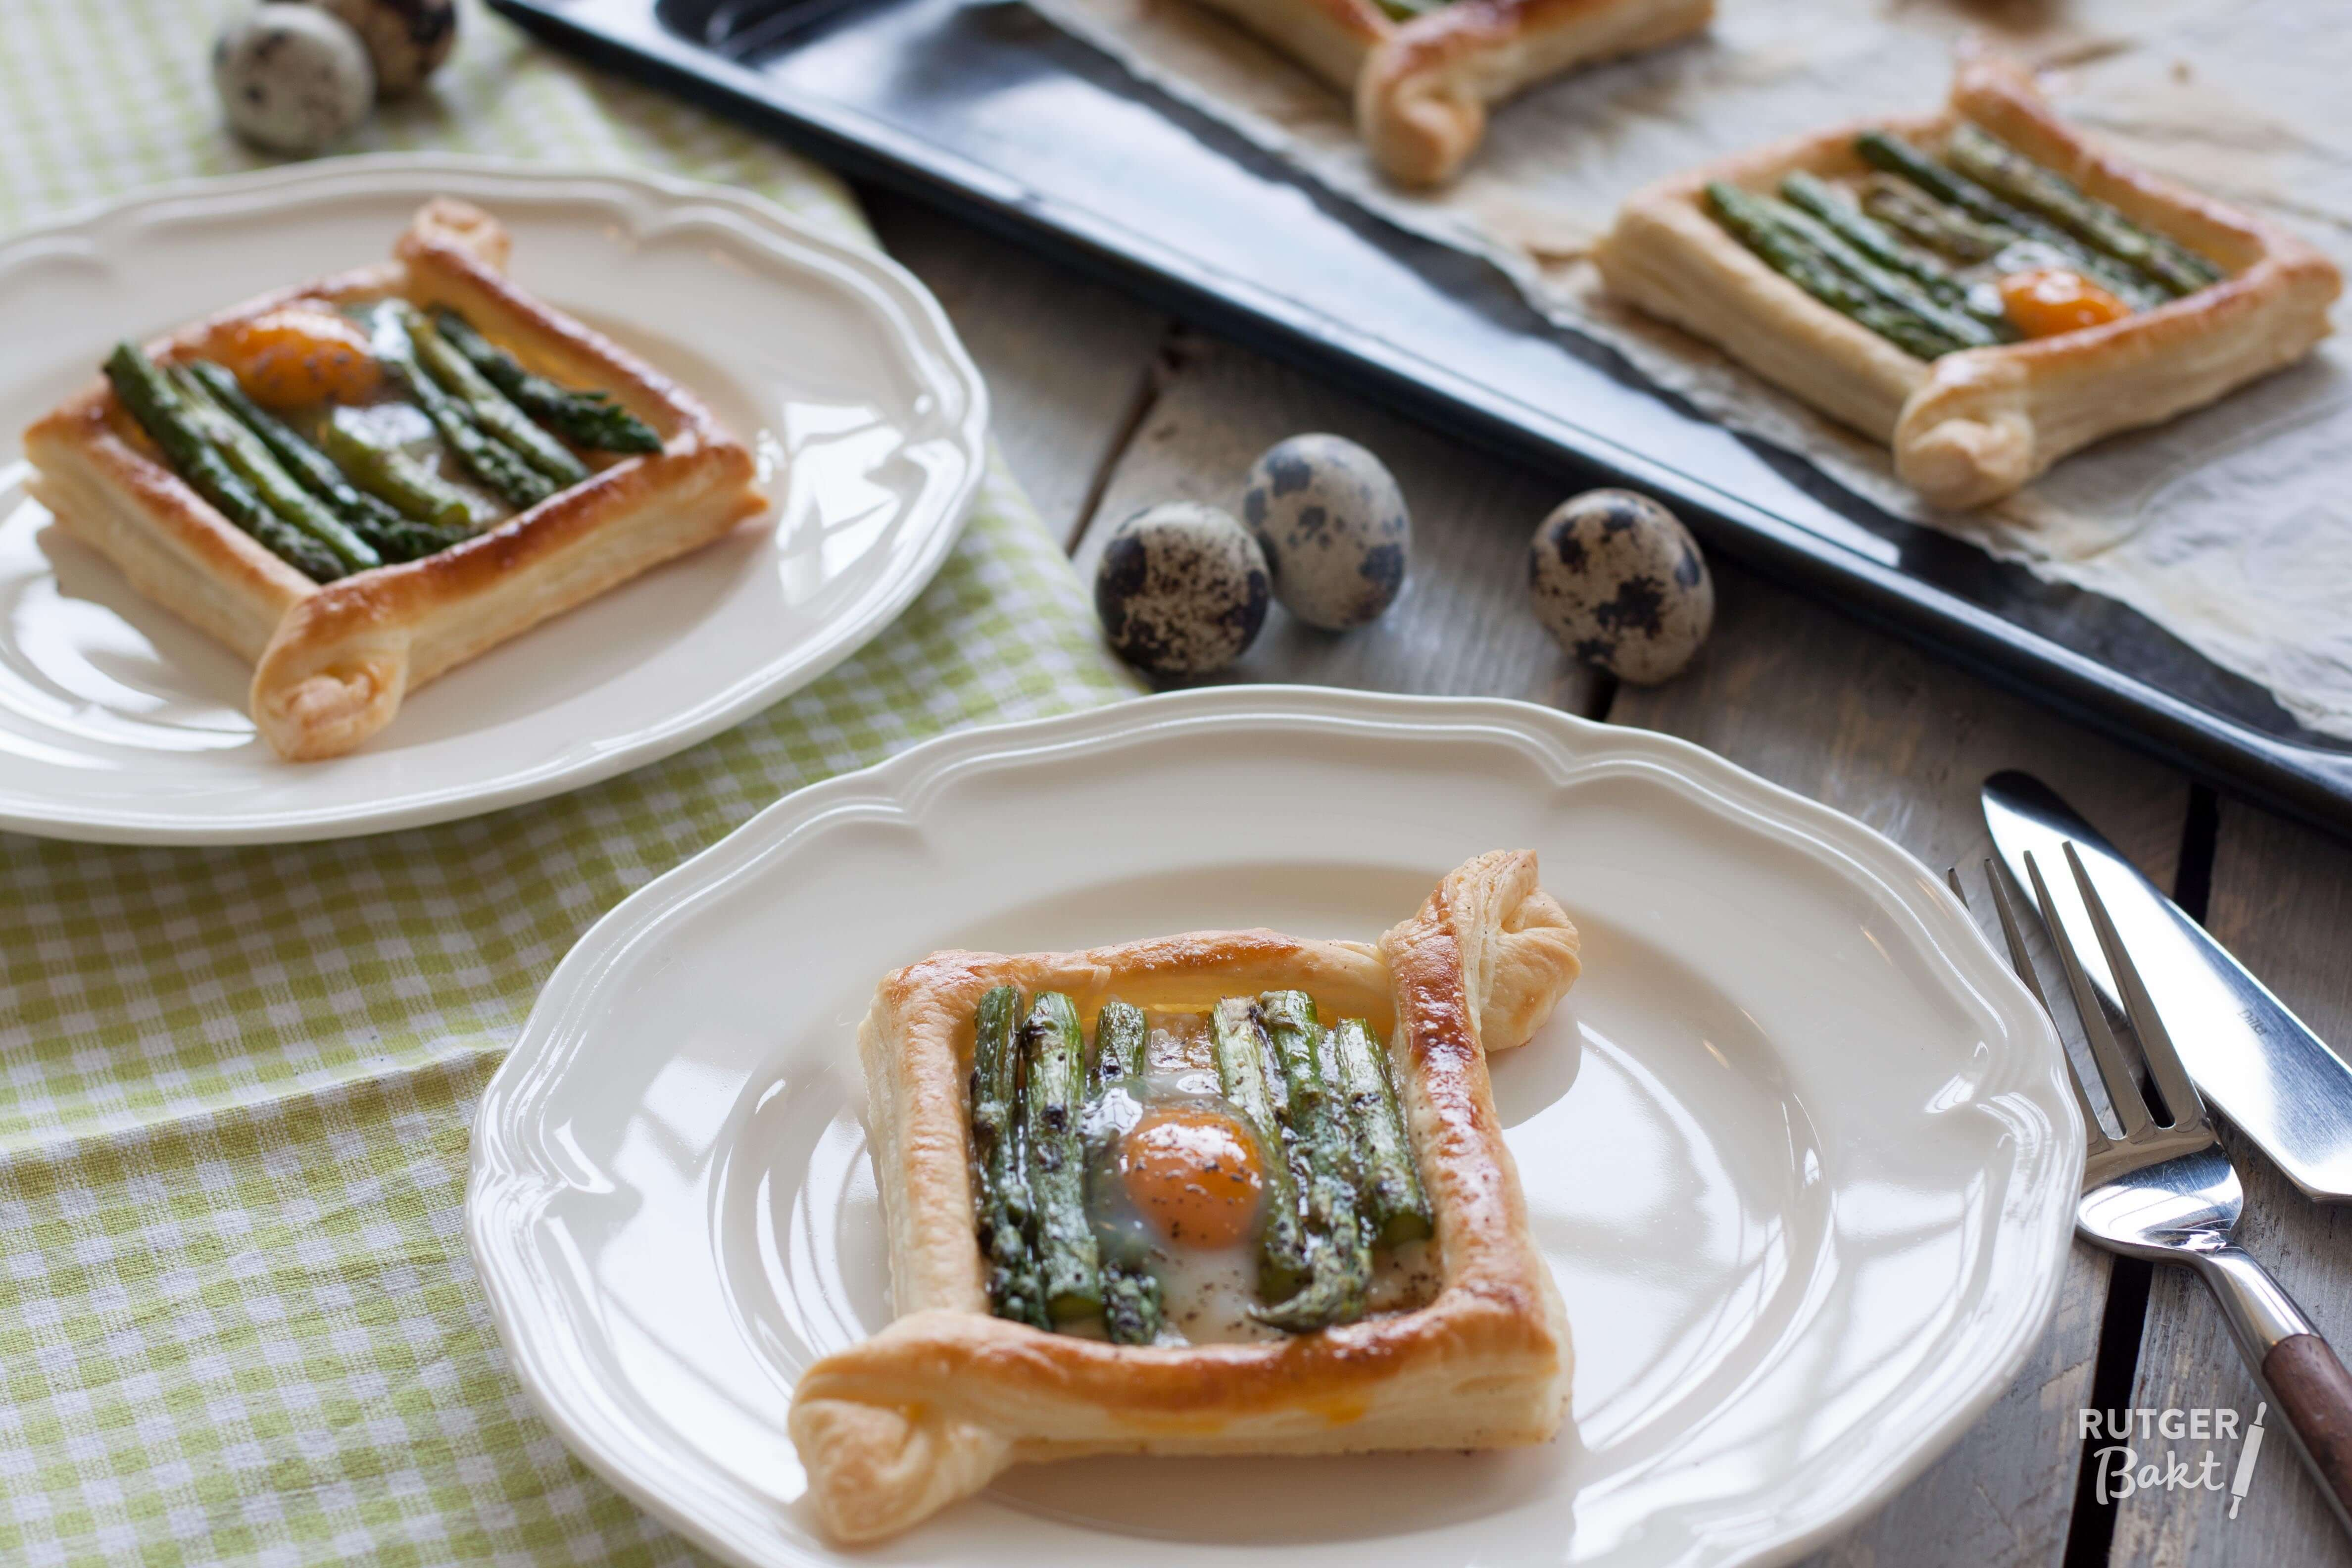 Paastartelette met groene asperge en kwartelei